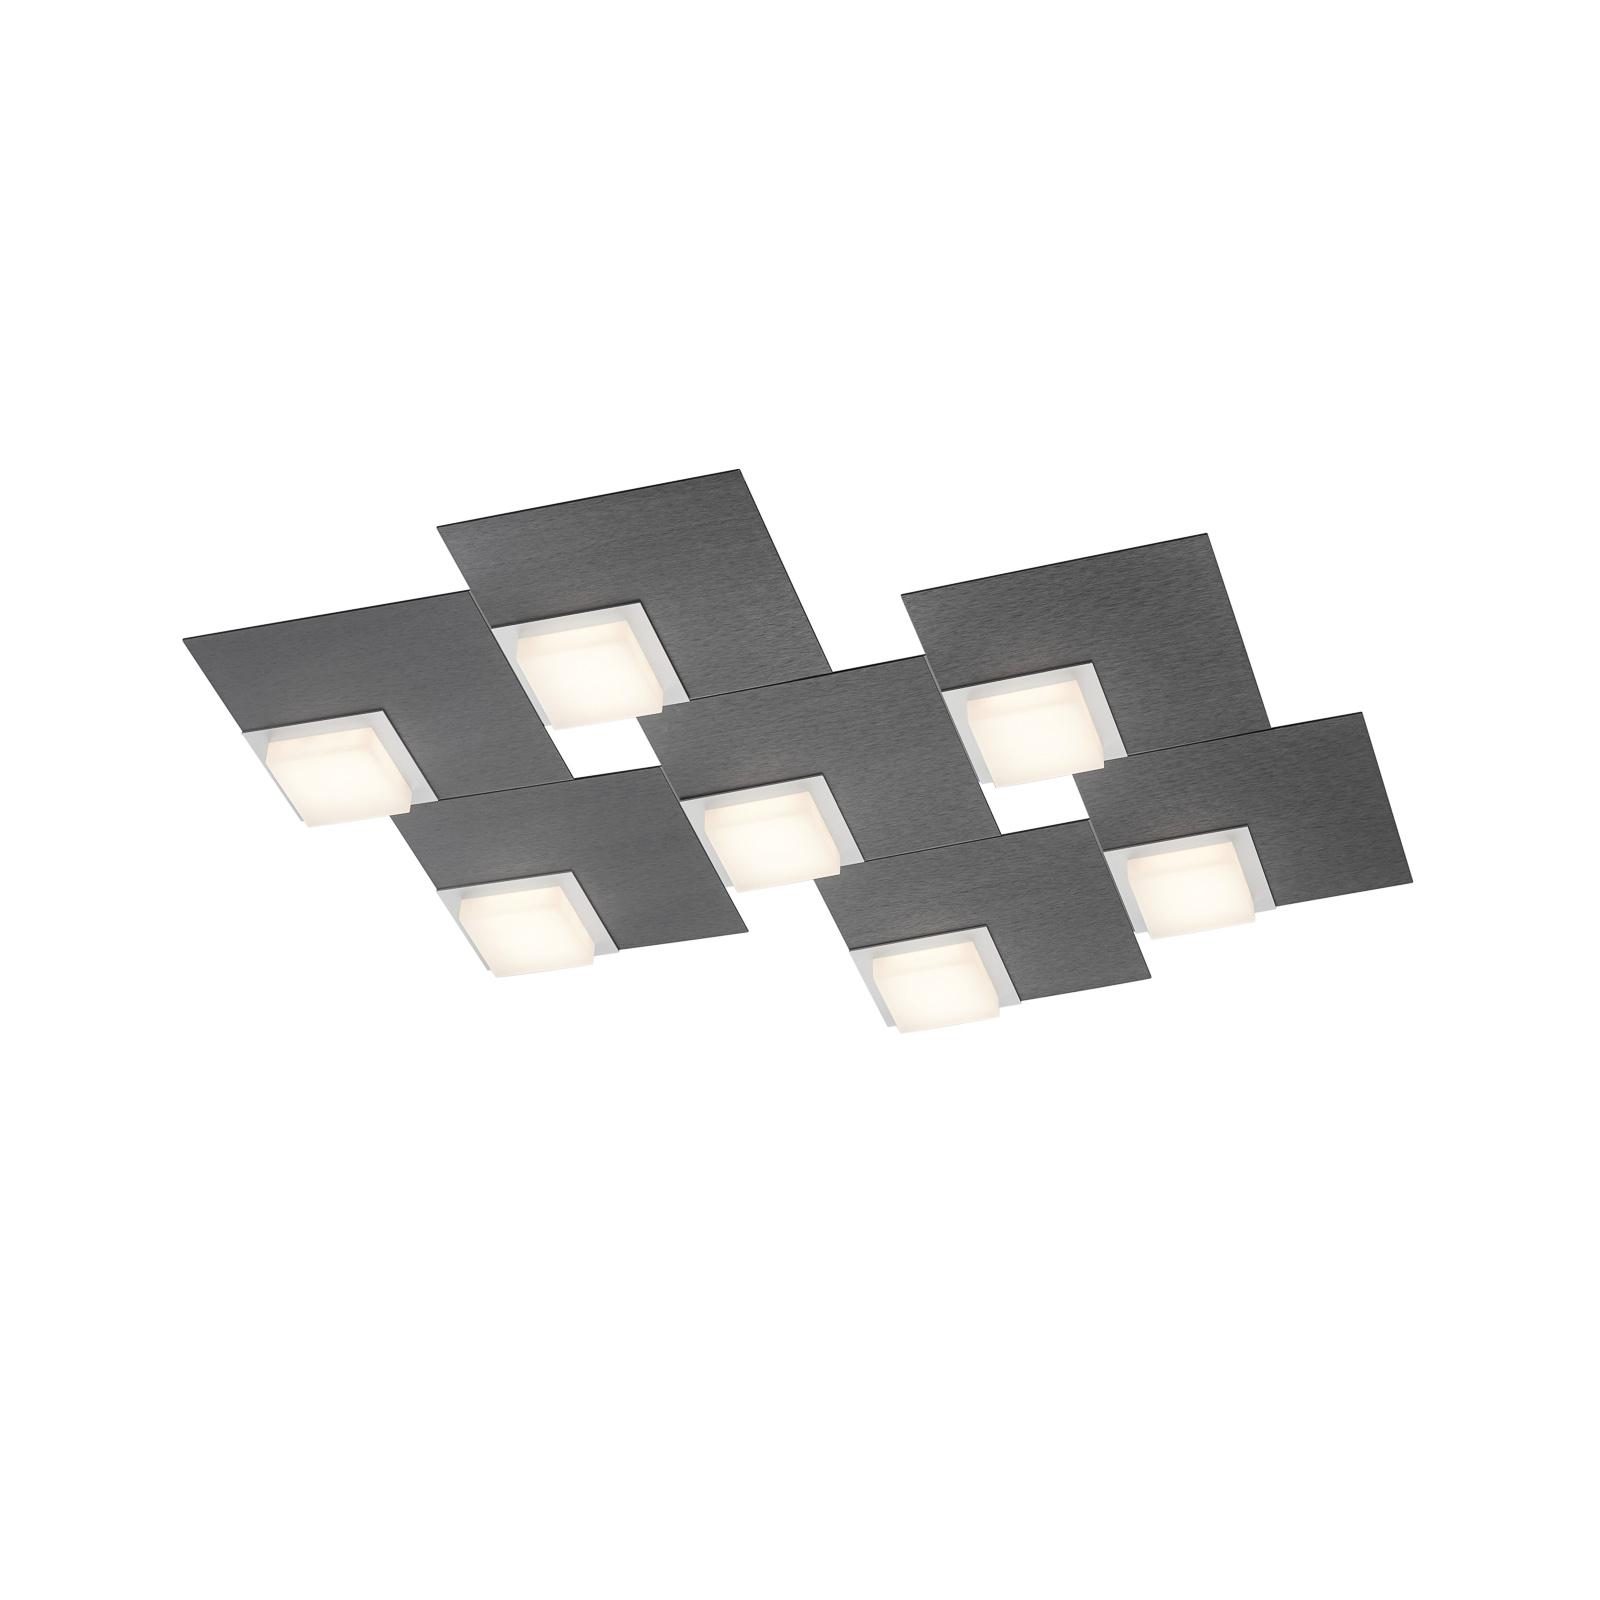 BANKAMP Quadro LED-taklampe 64W antrasitt